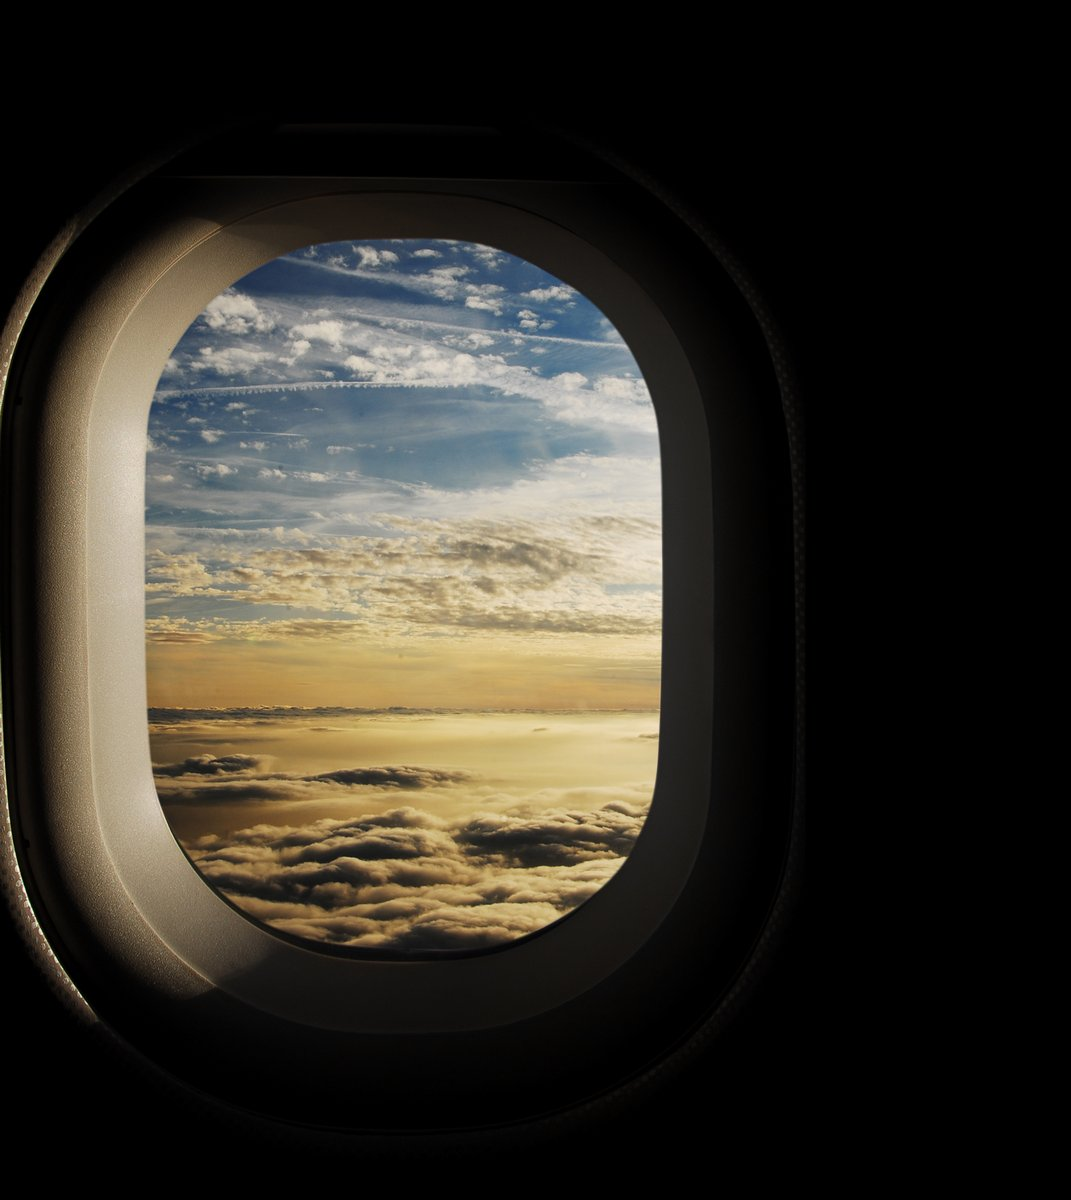 Постер-картина Самолеты Райское небо, видели через окна самолетаСамолеты<br>Постер на холсте или бумаге. Любого нужного вам размера. В раме или без. Подвес в комплекте. Трехслойная надежная упаковка. Доставим в любую точку России. Вам осталось только повесить картину на стену!<br>